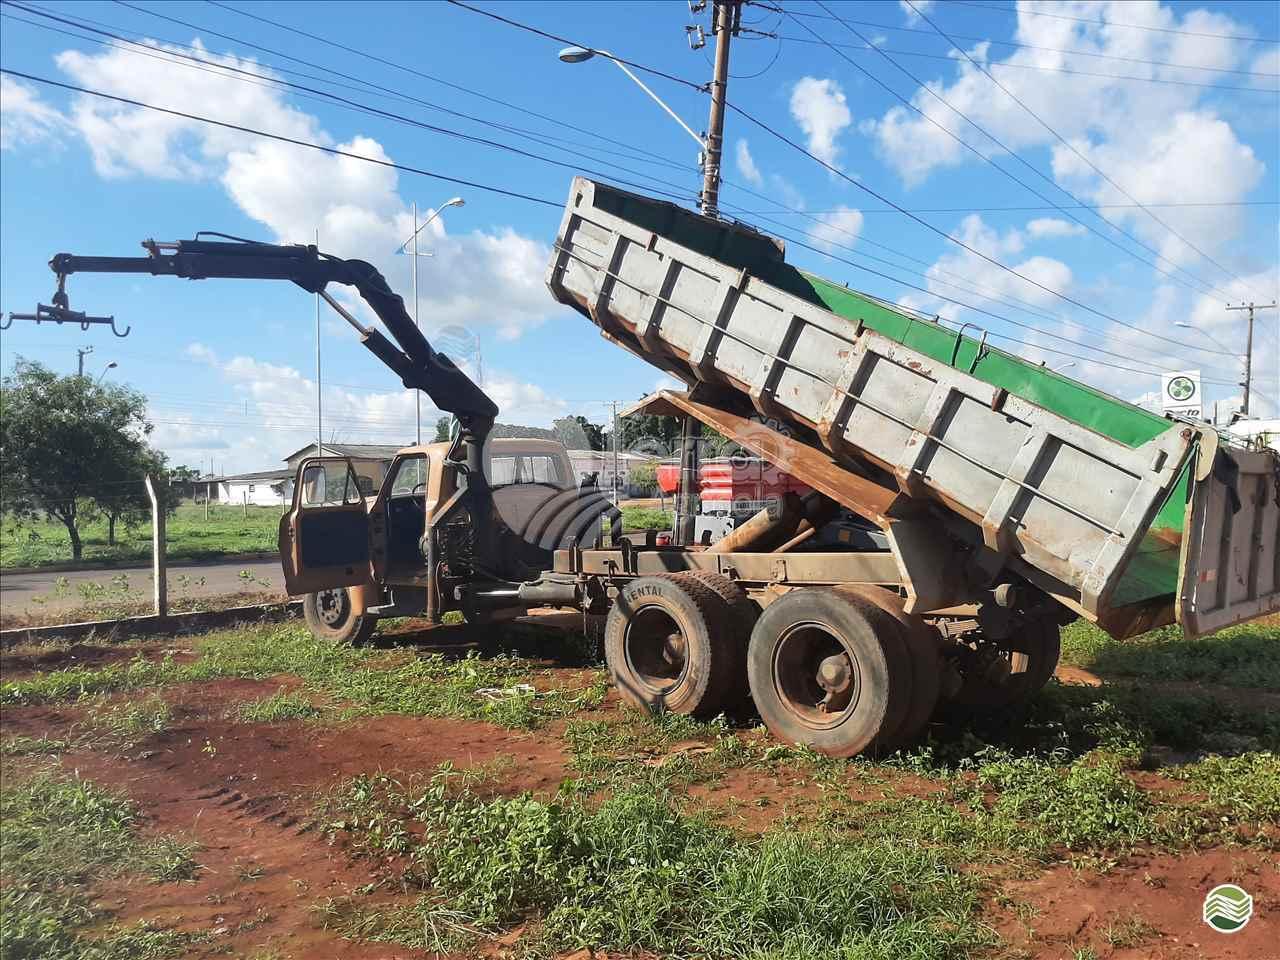 CAMINHAO FORD F11000 Caçamba Basculante Truck 6x2 Terra Agrícola DIAMANTINO MATO GROSSO MT